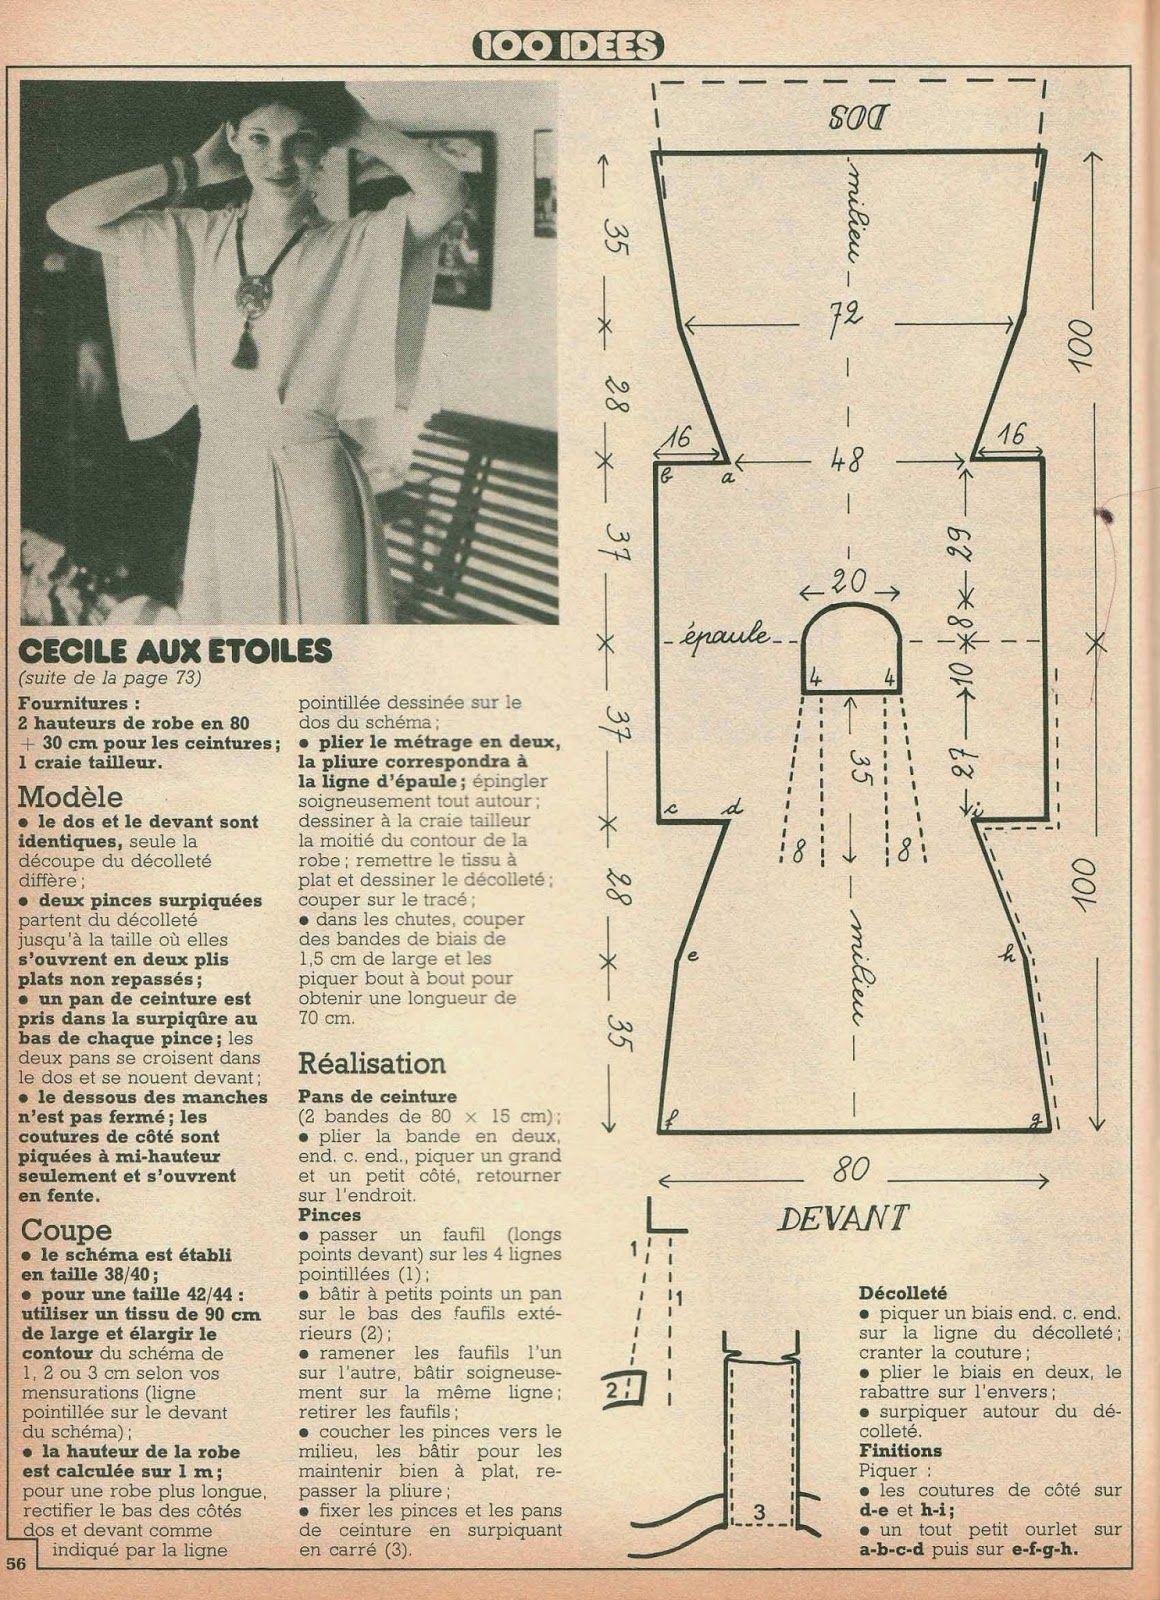 Pin de AAlex Cordier en spectacle | Pinterest | Costura, Patrones y ...